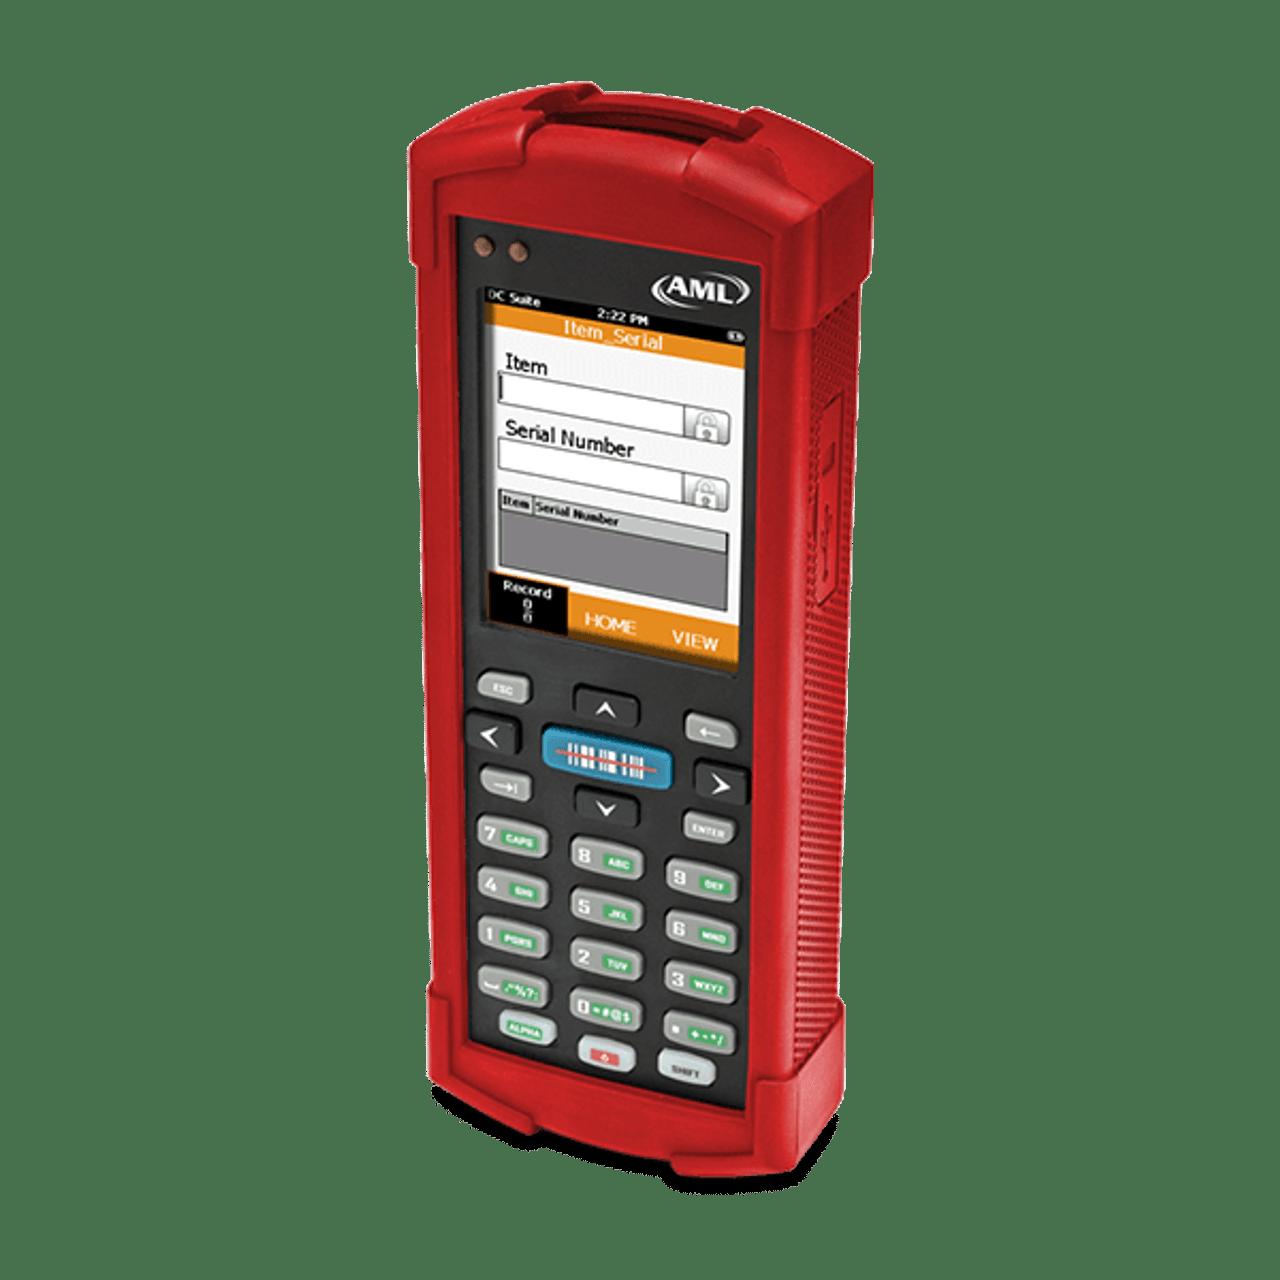 AML LDX10 Mobile Scanner